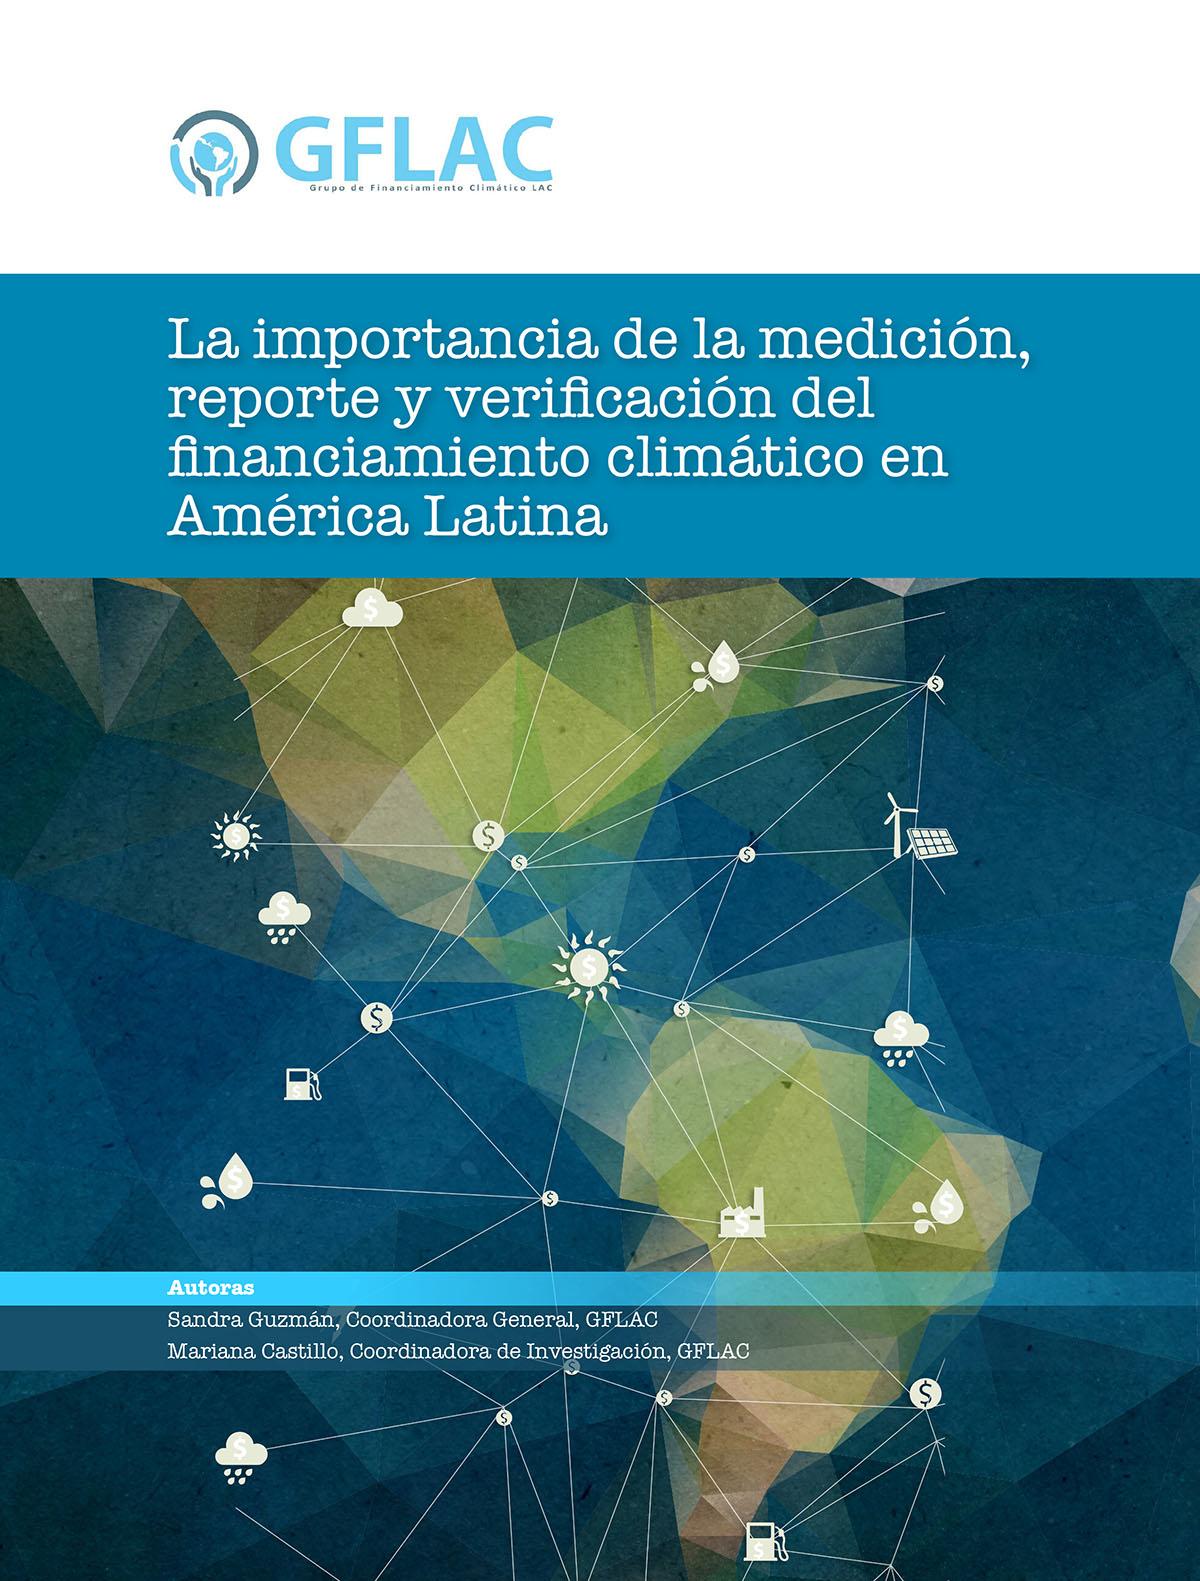 La importancia de la medición, reporte y verificación del financiamiento climático en América Latina